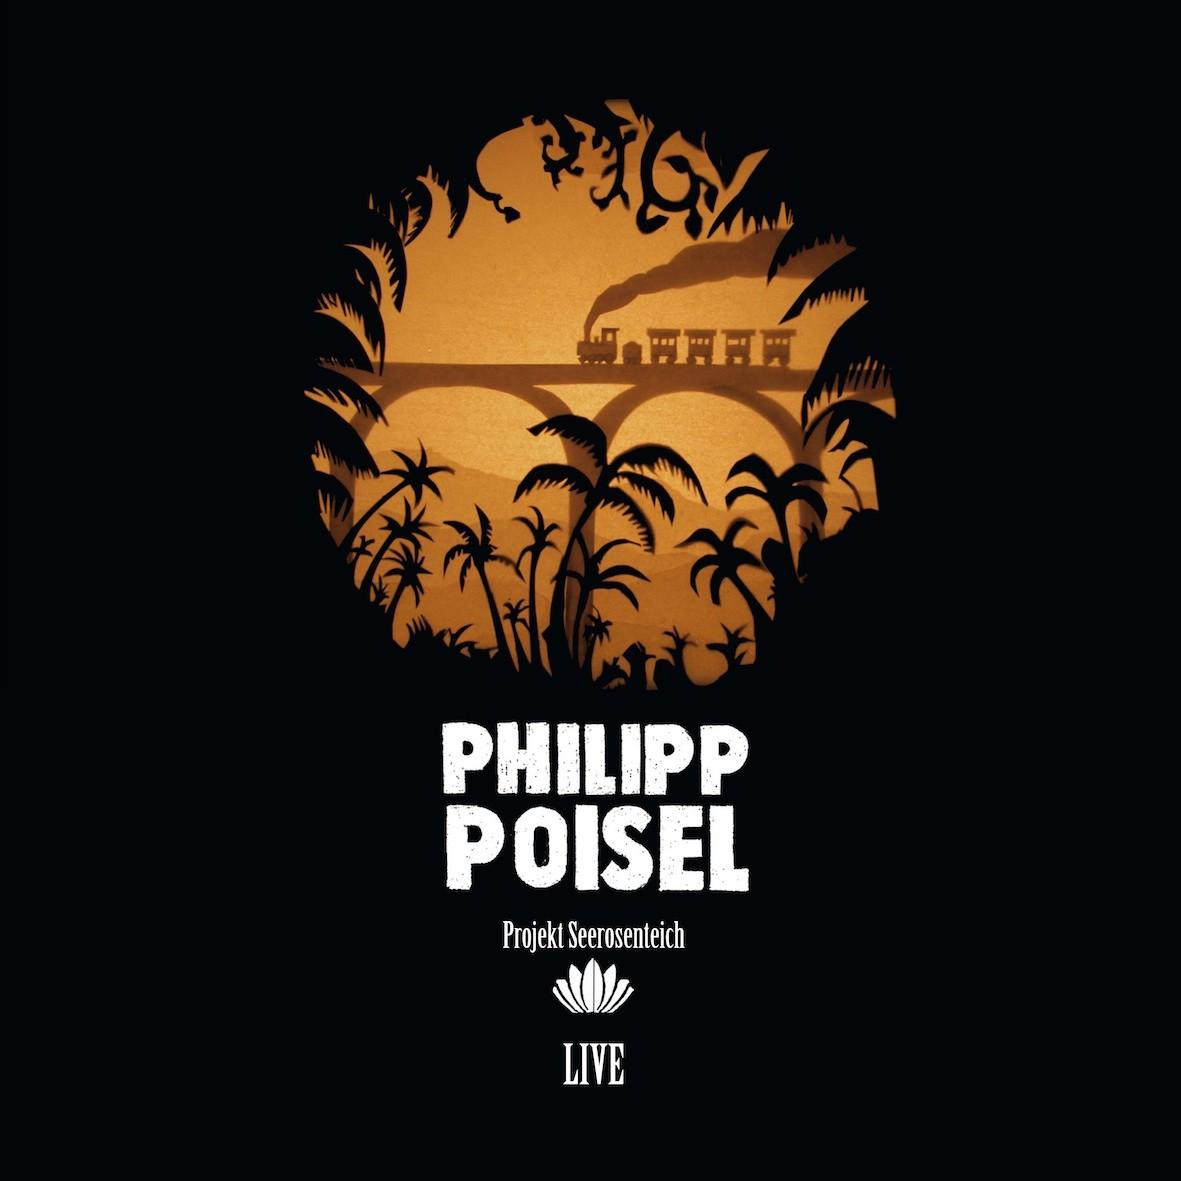 phillip lp